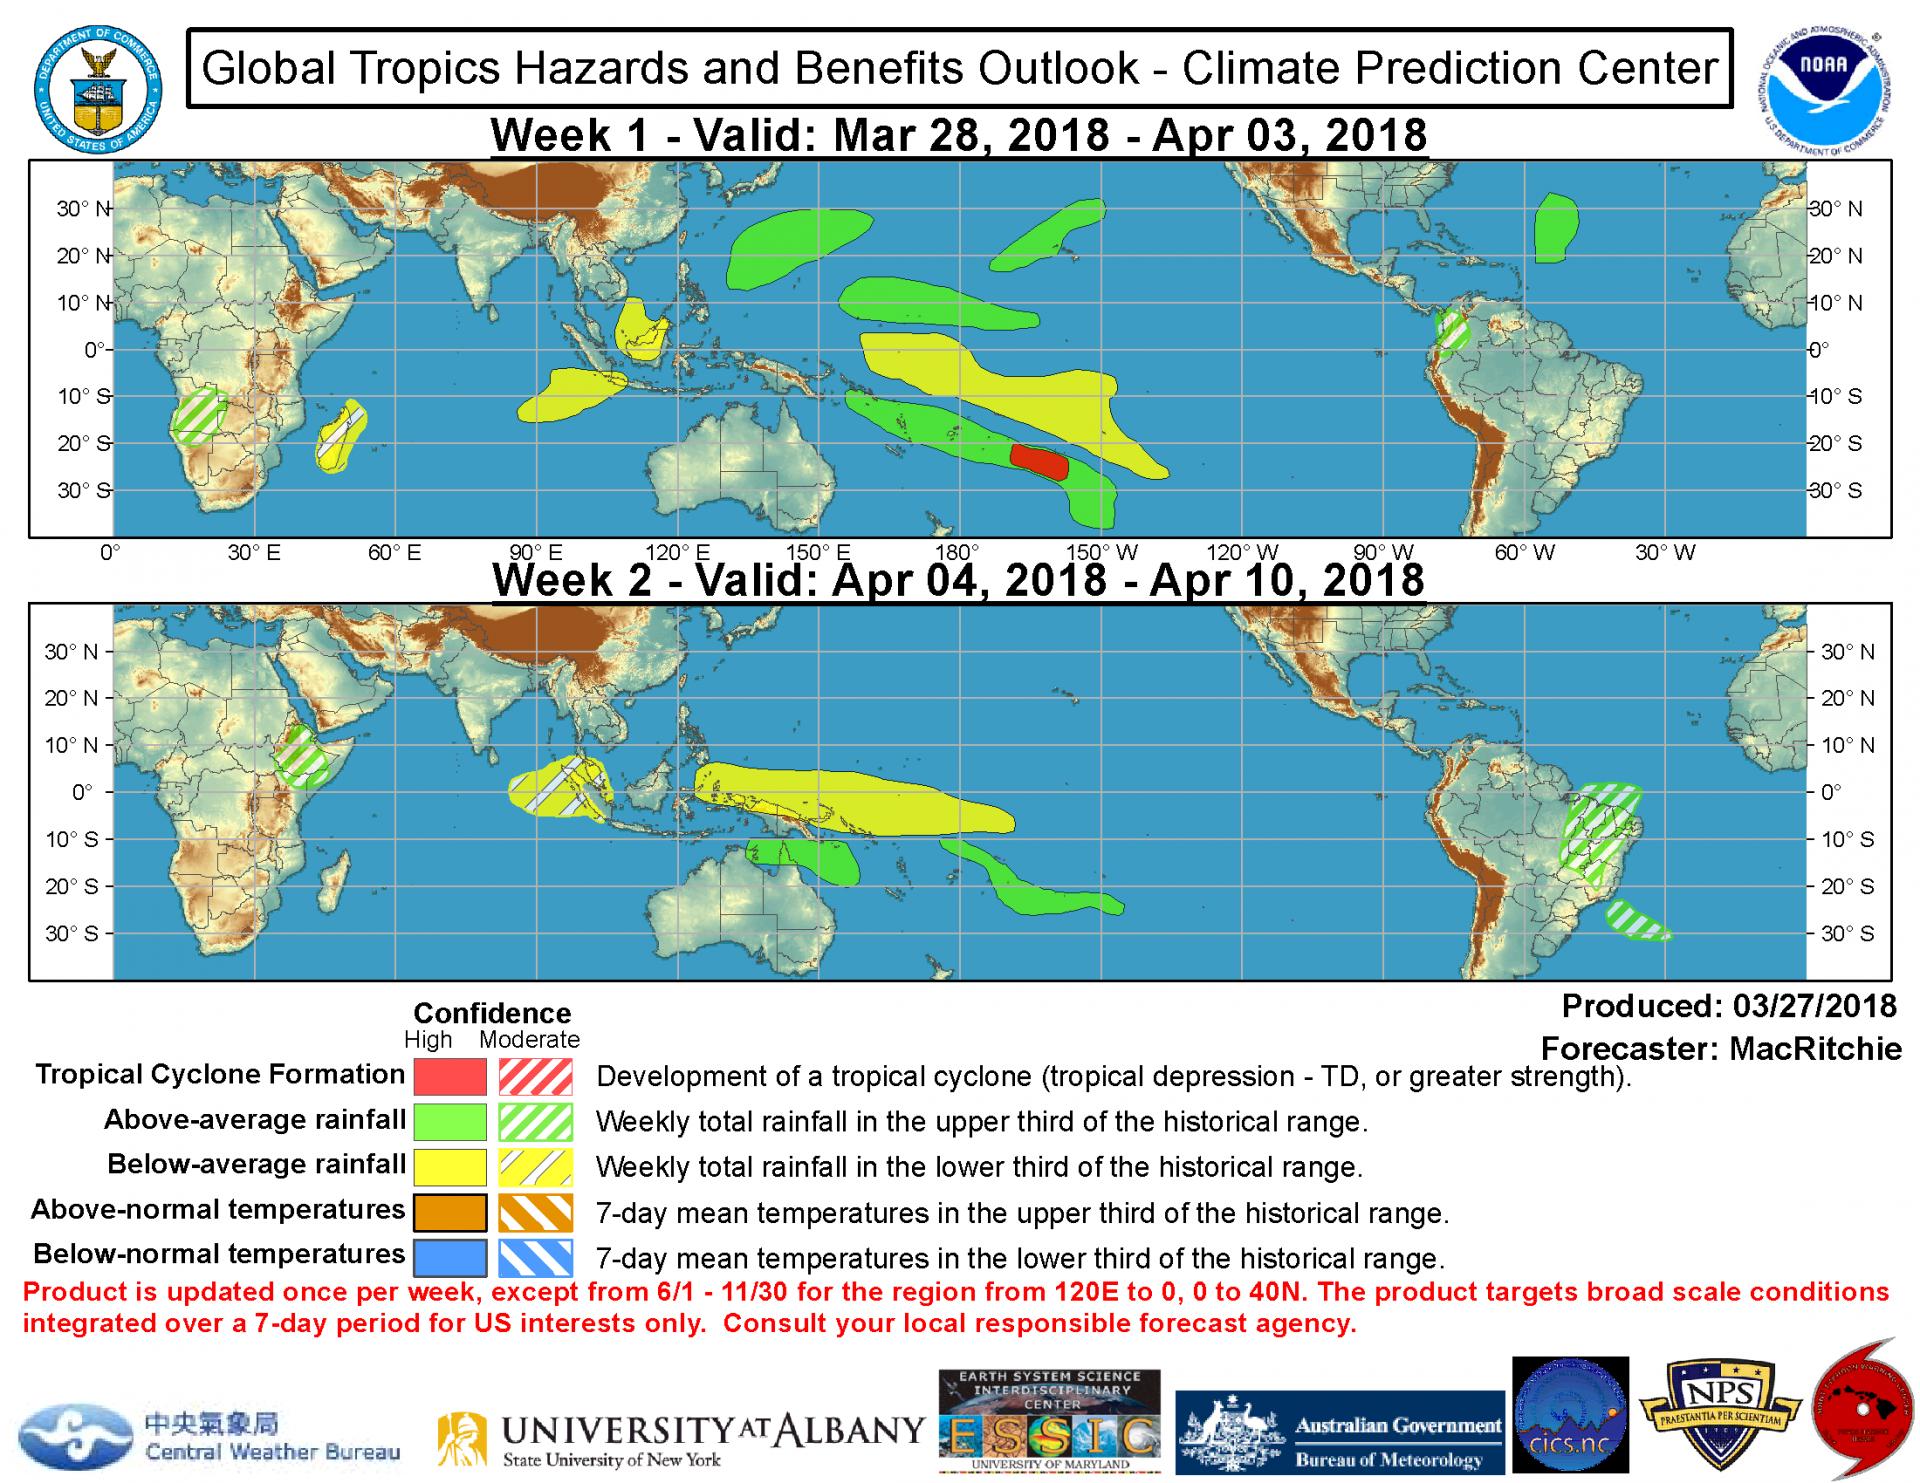 Carte de perspective d'activité cyclonique et précipitation sur 2 semaines ©NOAA